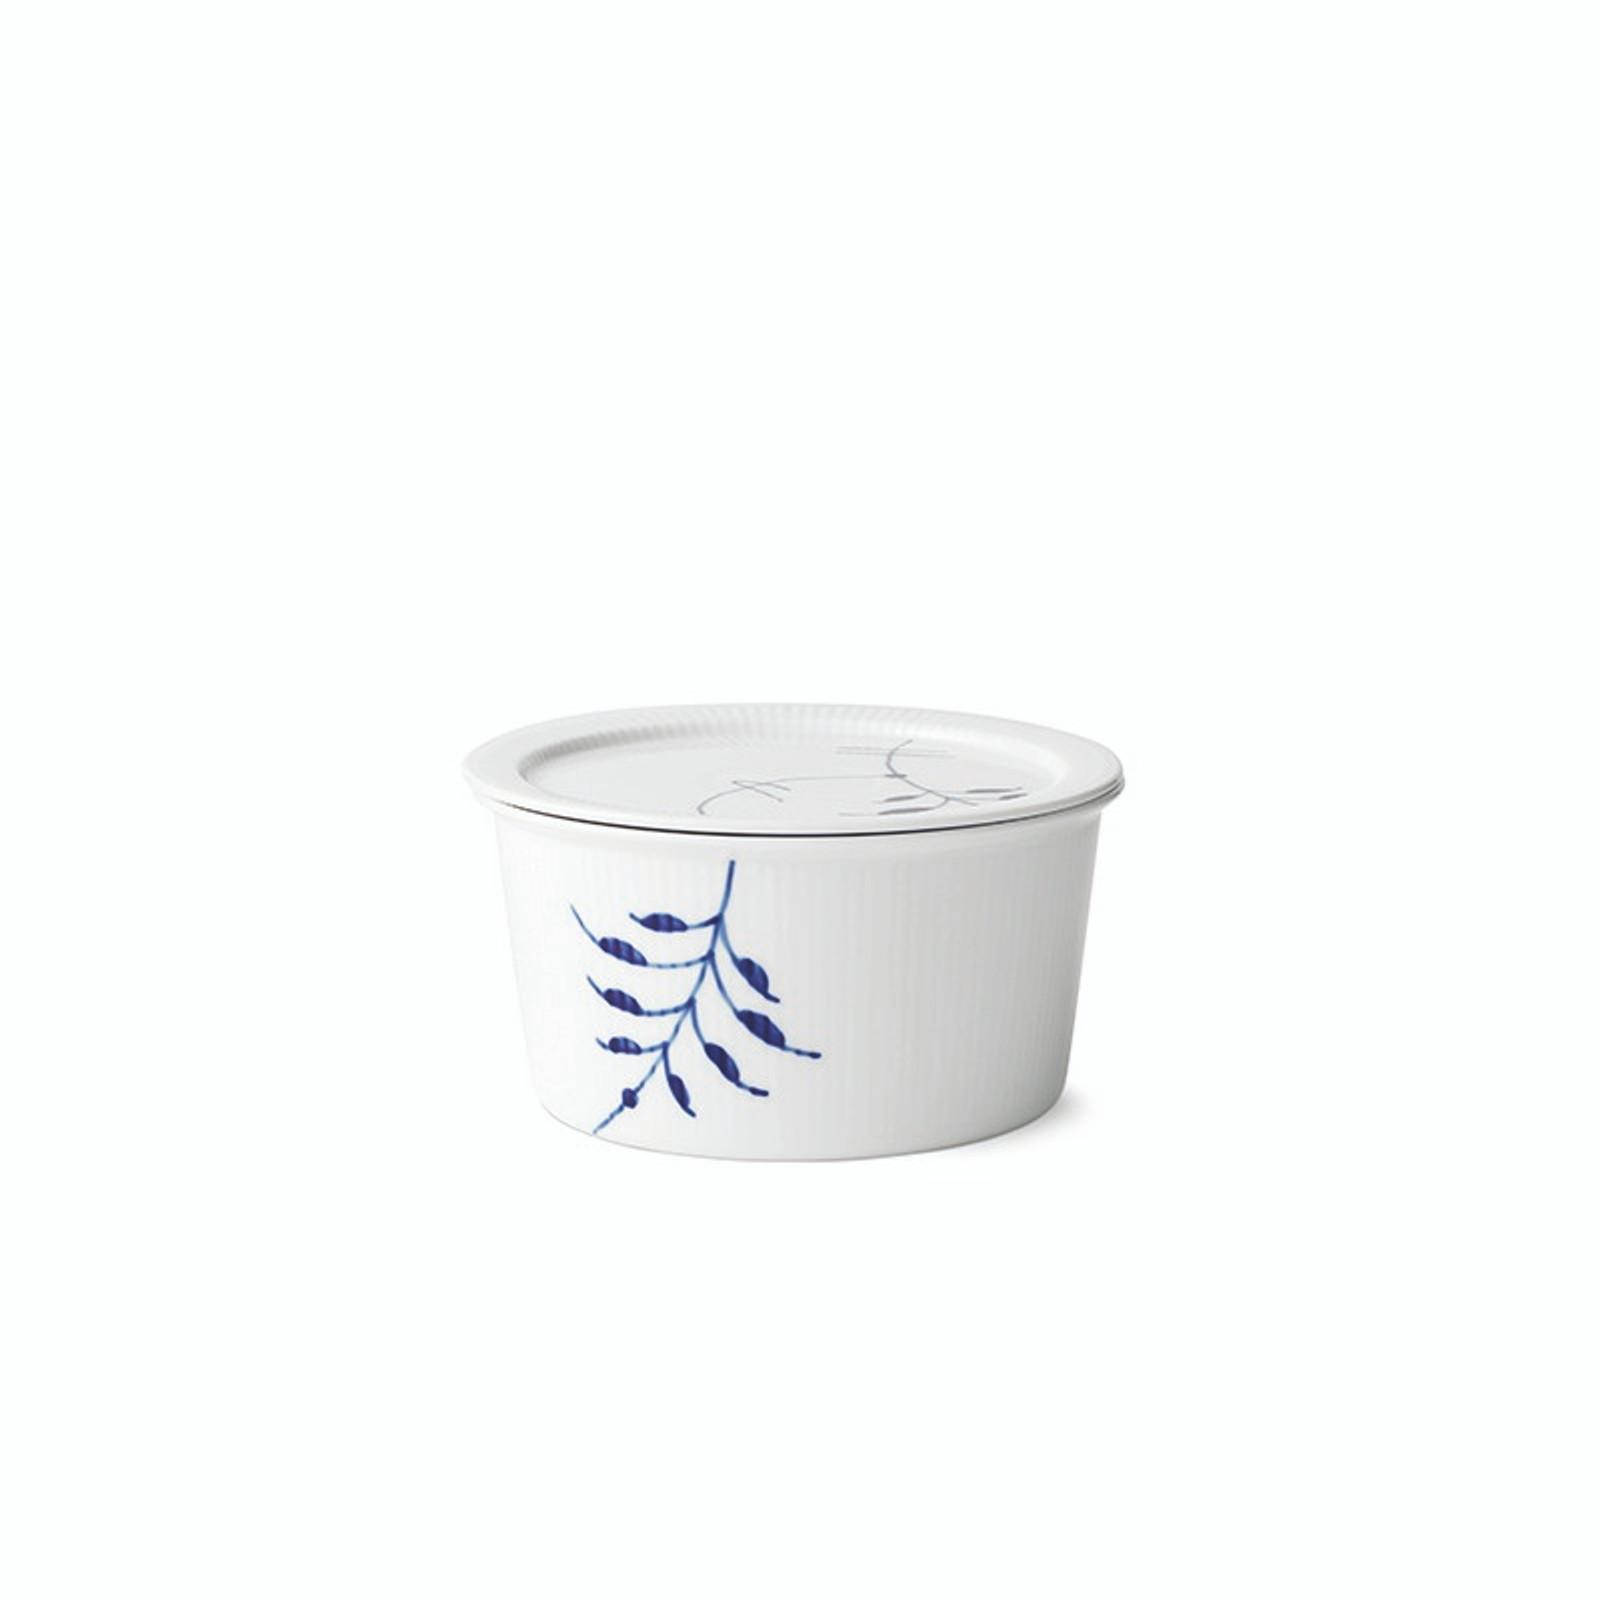 Royal Copenhagen Blue Fluted Mega - Dish with Lid, 1 Qt (1016883)